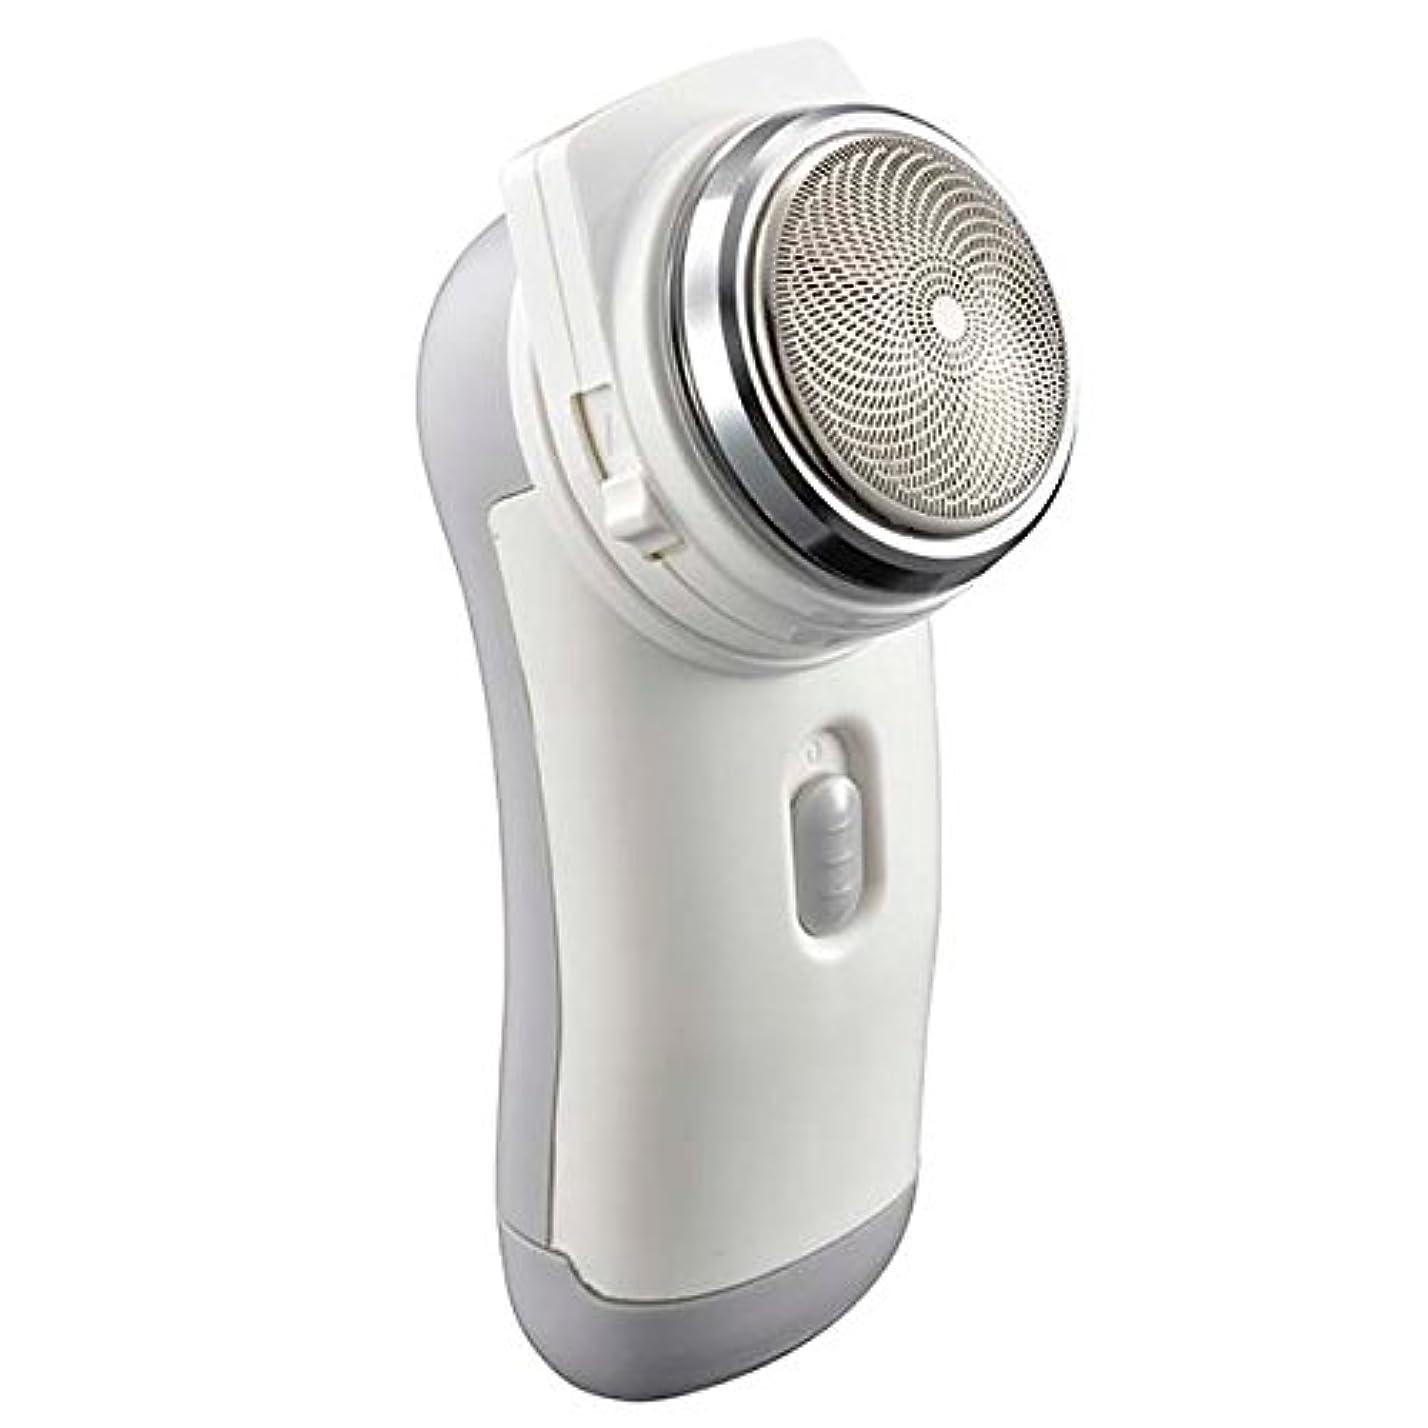 決めます困難刺すシェーバー メンズ ポケットシェーバー 携帯便利 静音回転式 もみあげ対応 電池式 キワゾリ刃付き 高性能シェーバー 髭剃り ひげそり 男性用 回転式ポケットシェーバー プレゼントにも最適